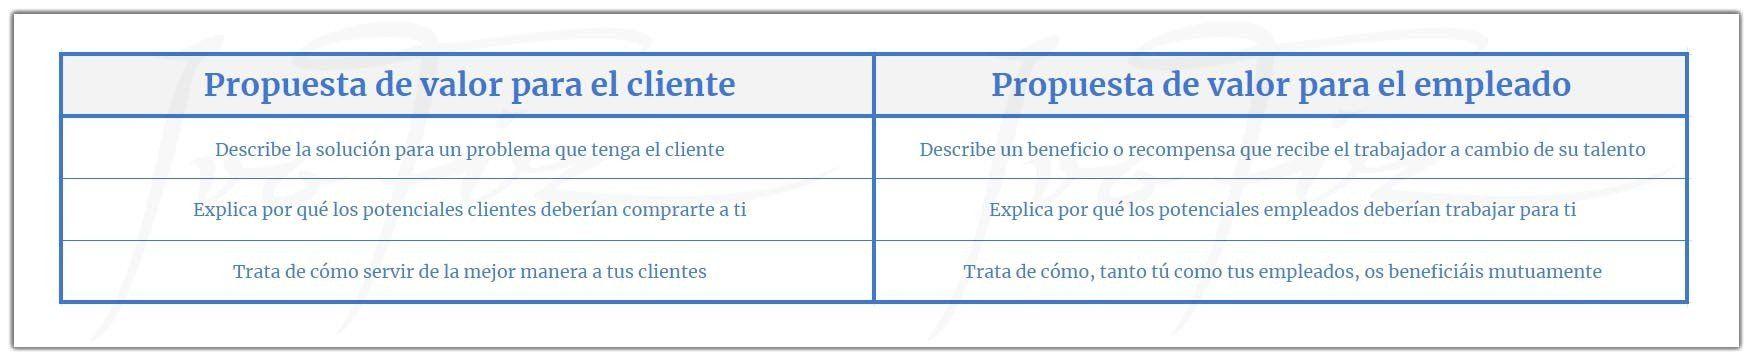 propuesta-de-valor-que-es